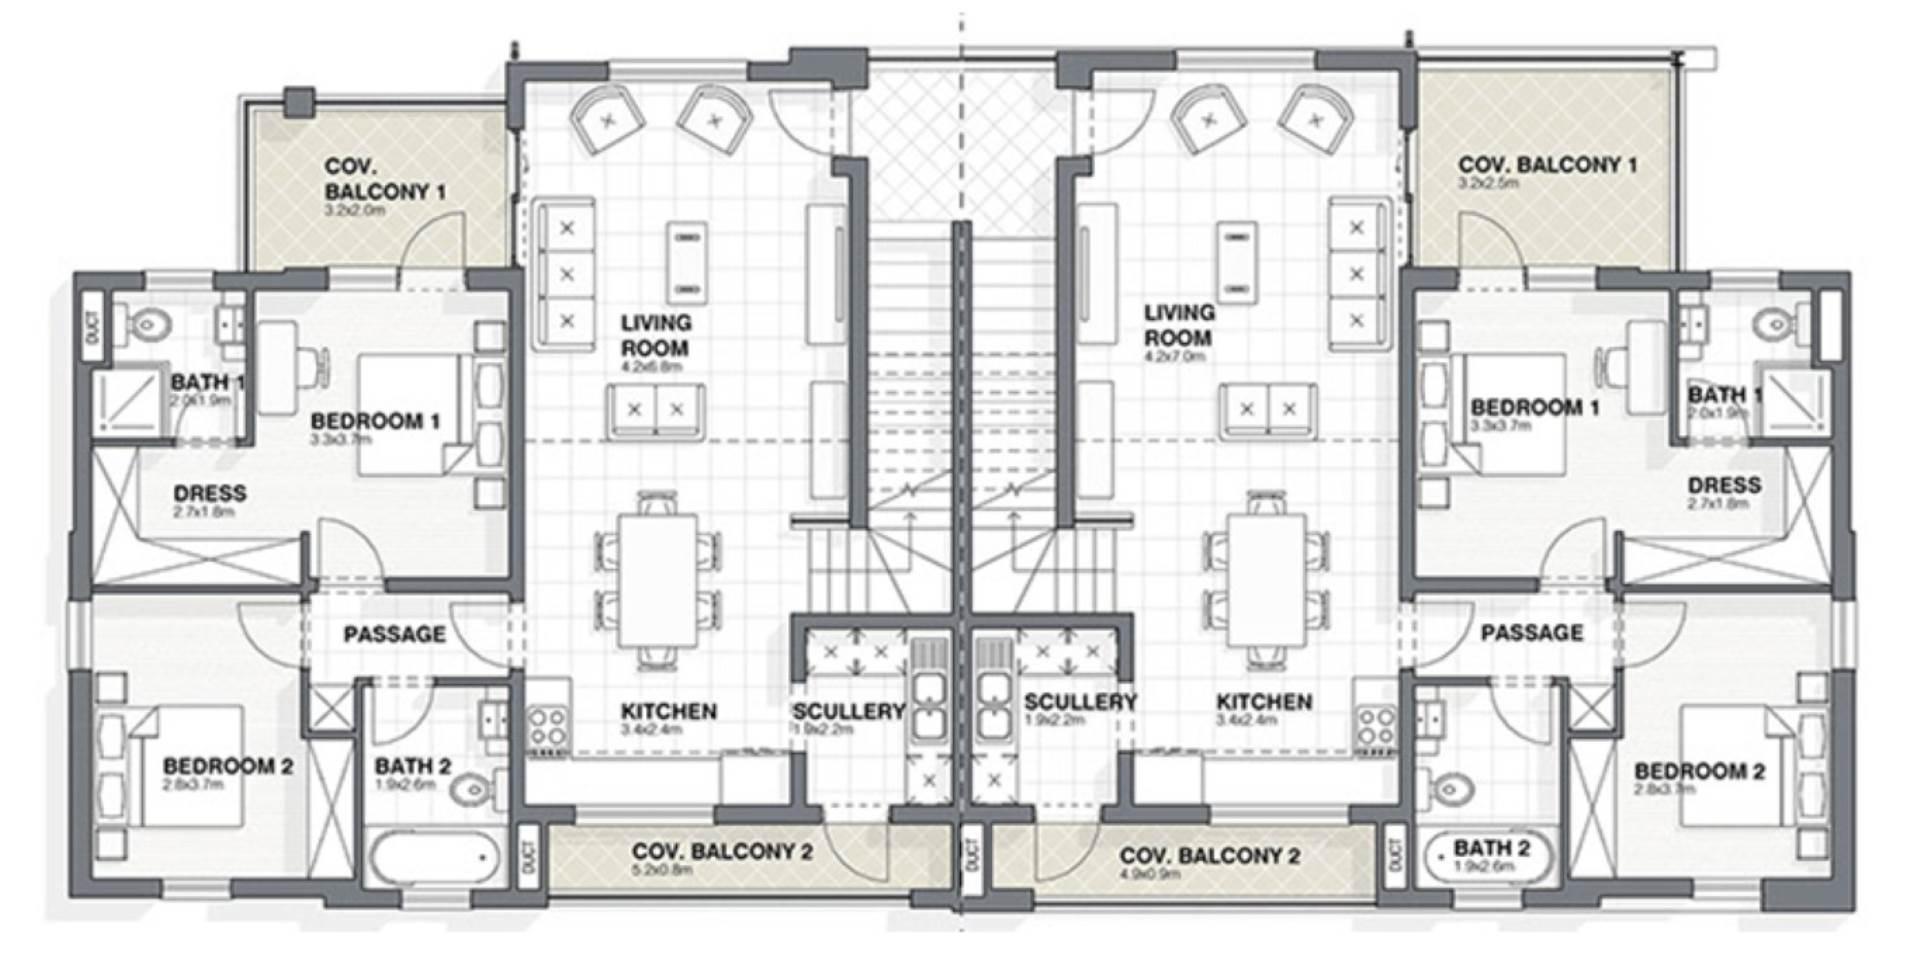 2 BedroomApartment For Sale In Langeberg